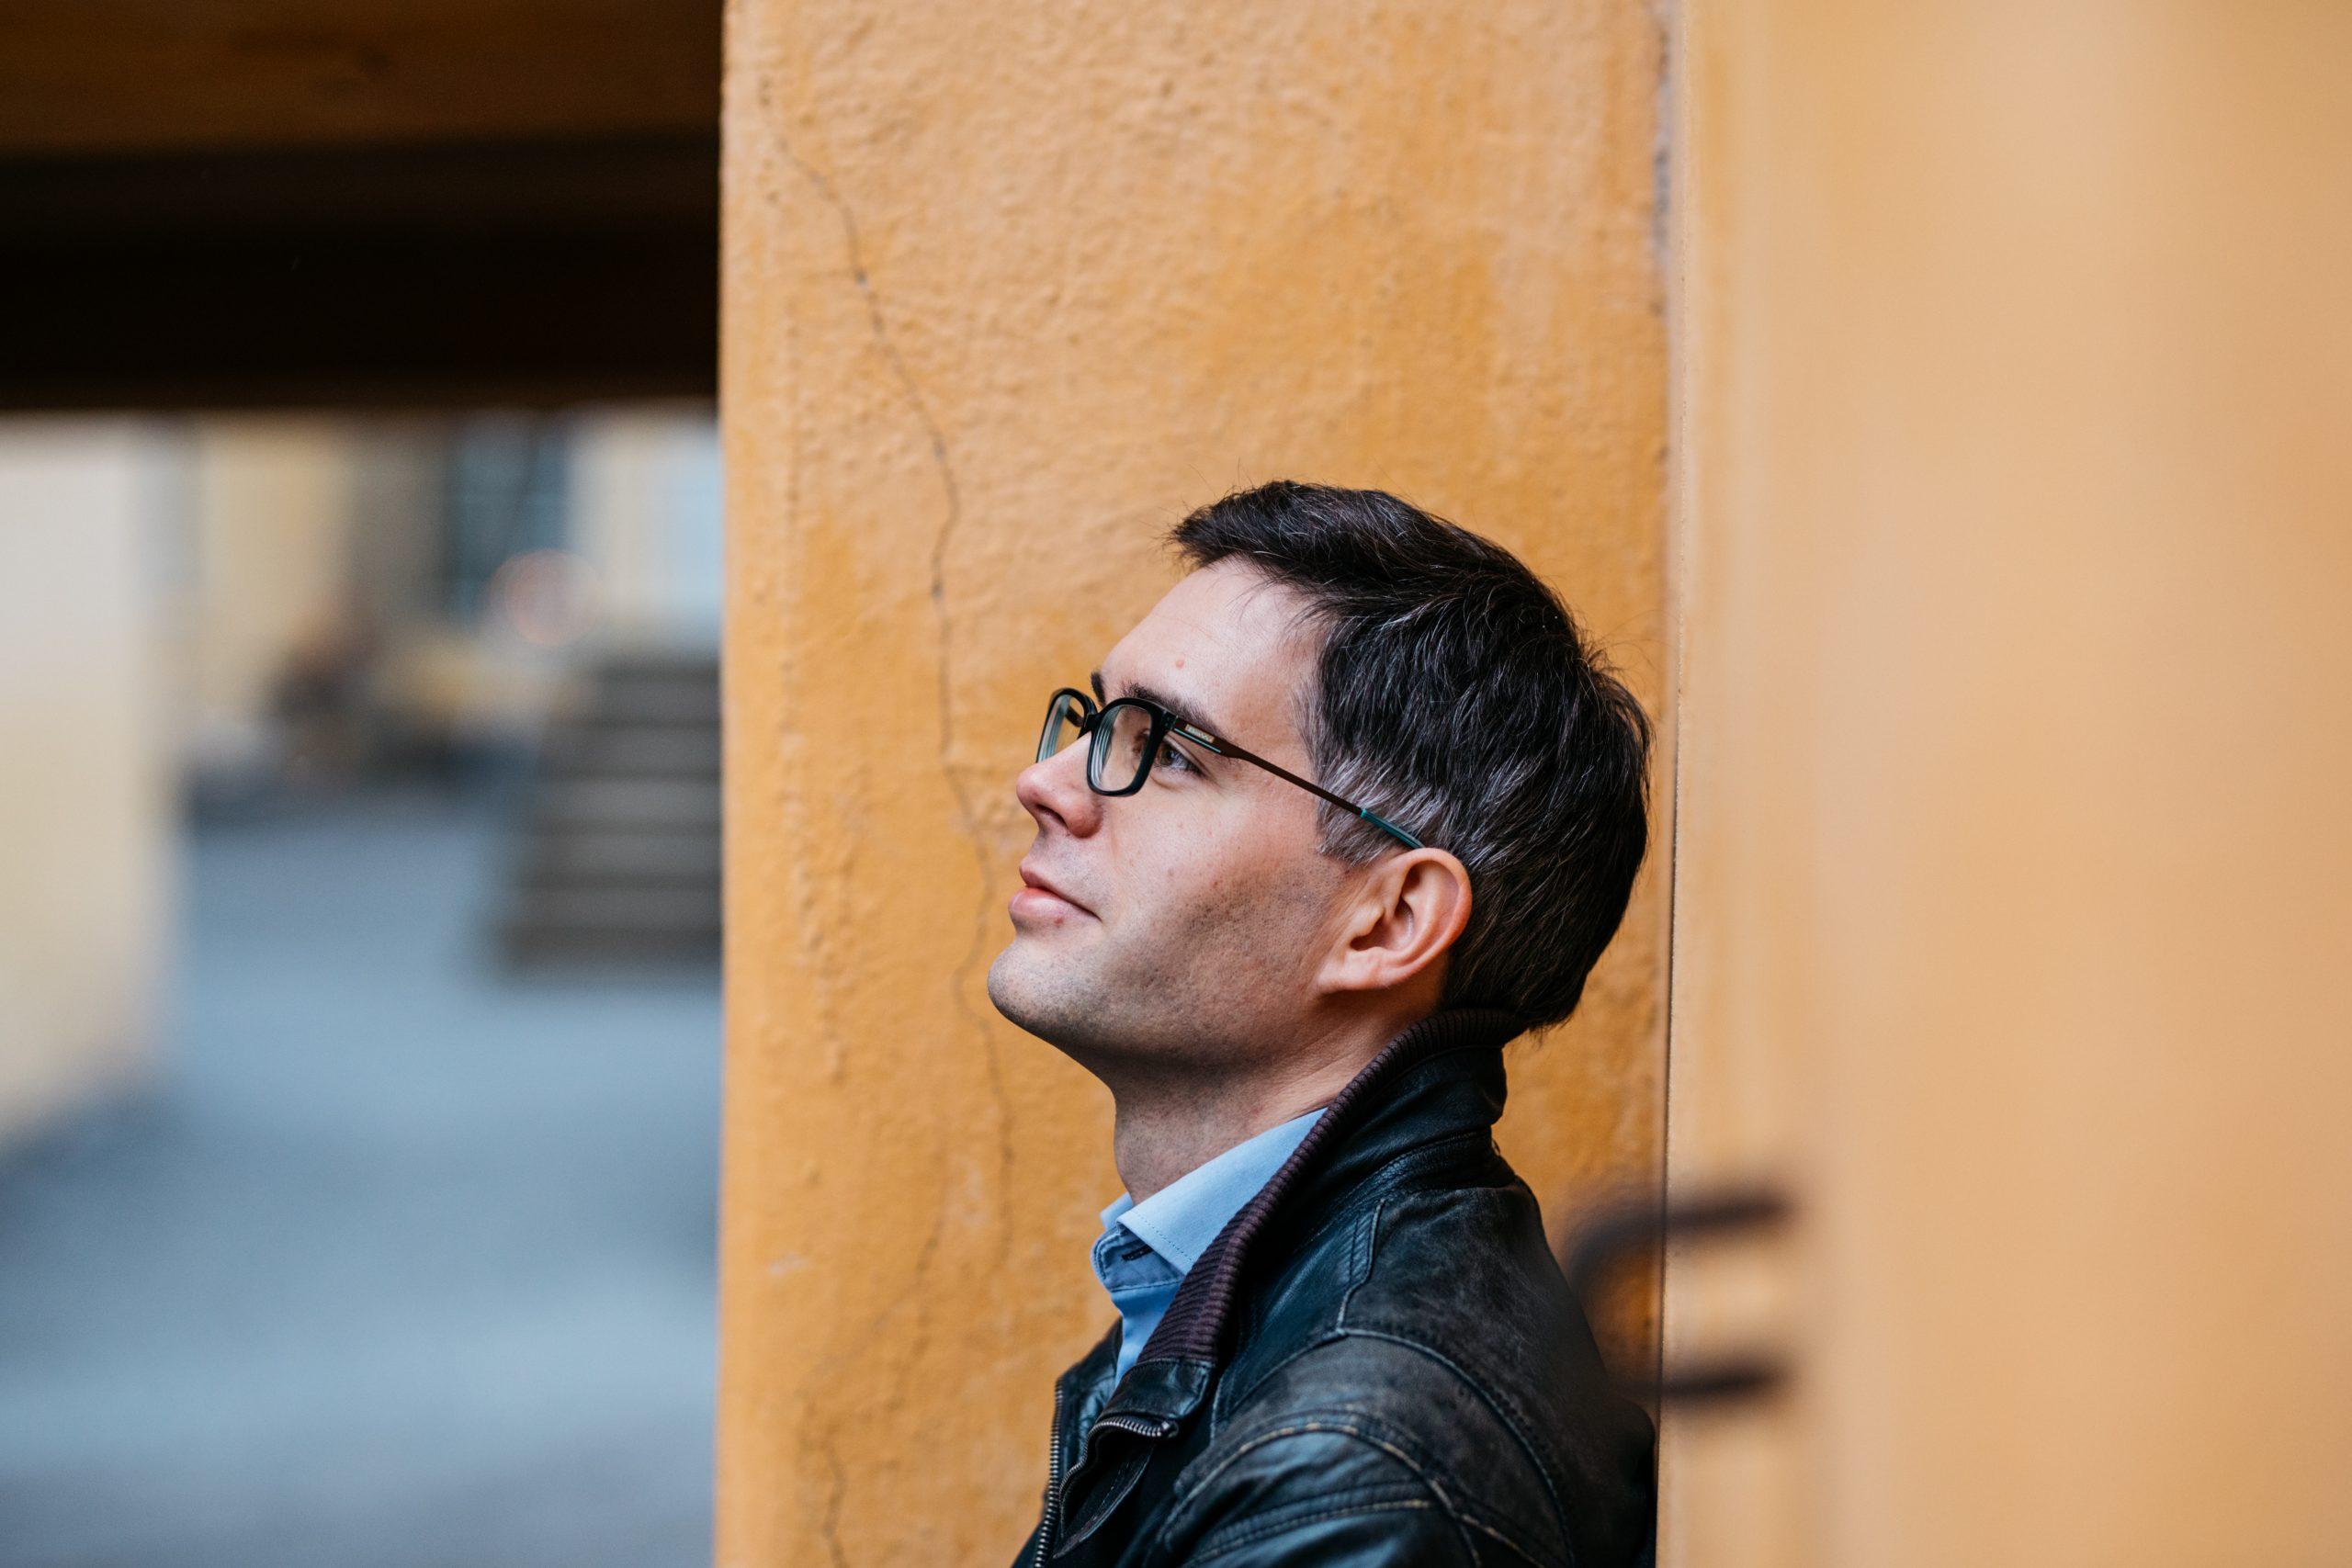 Årets Per Brahe-prismottagare är Kasper Braskén